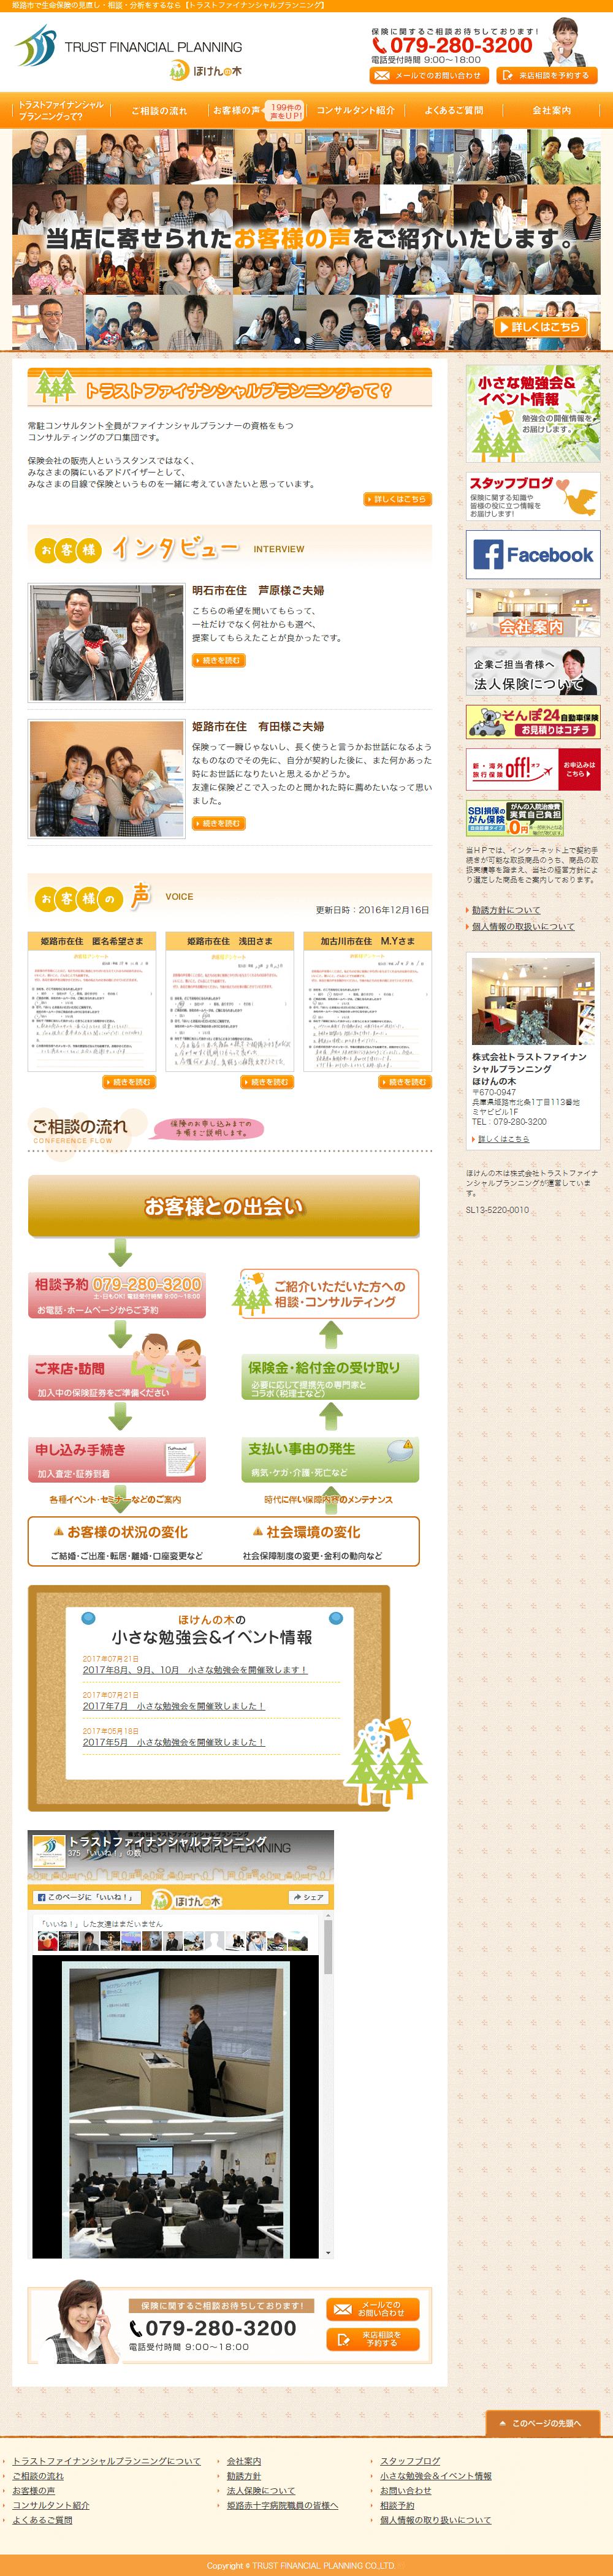 姫路市 株式会社トラストファイナンシャルプランニング様 ホームページ制作 1